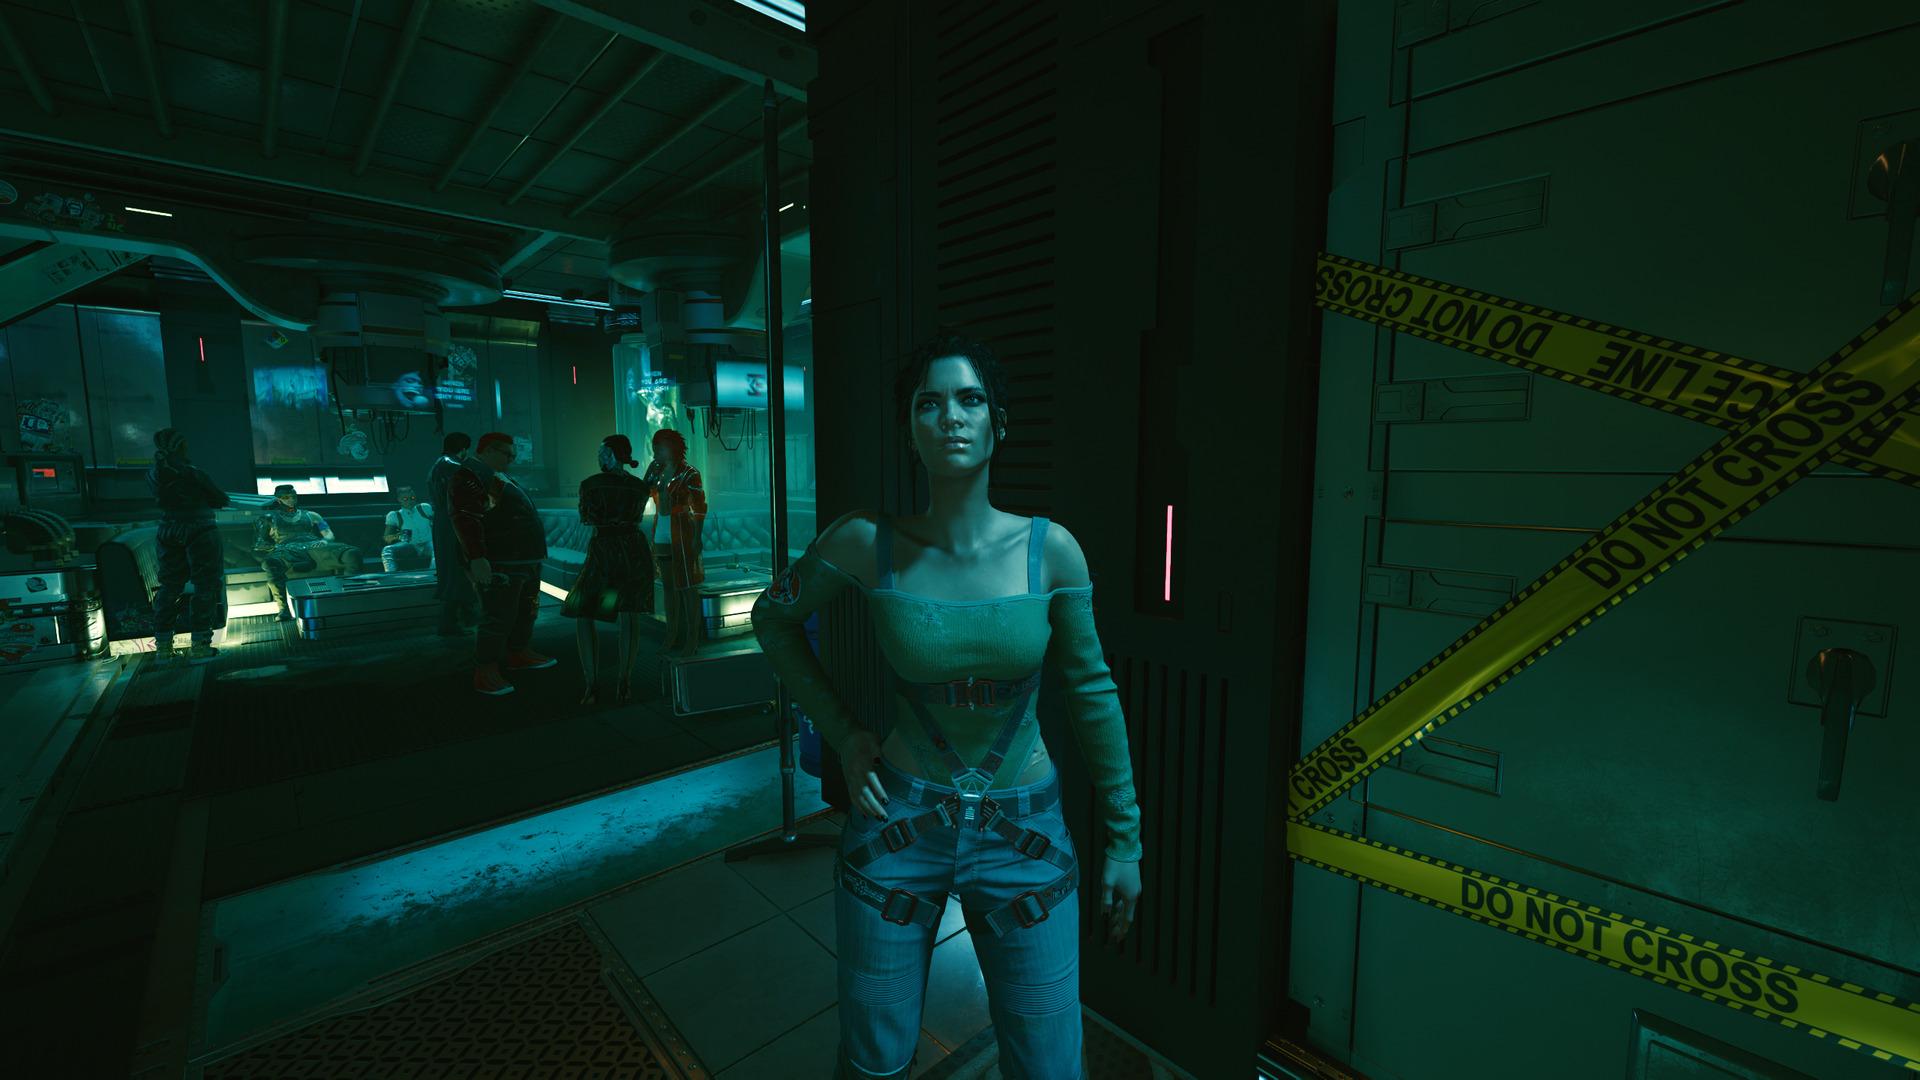 """Мод Cyberpunk 2077 добавляет примитивную """"кастомизацию"""" автомобилей и других объектов"""